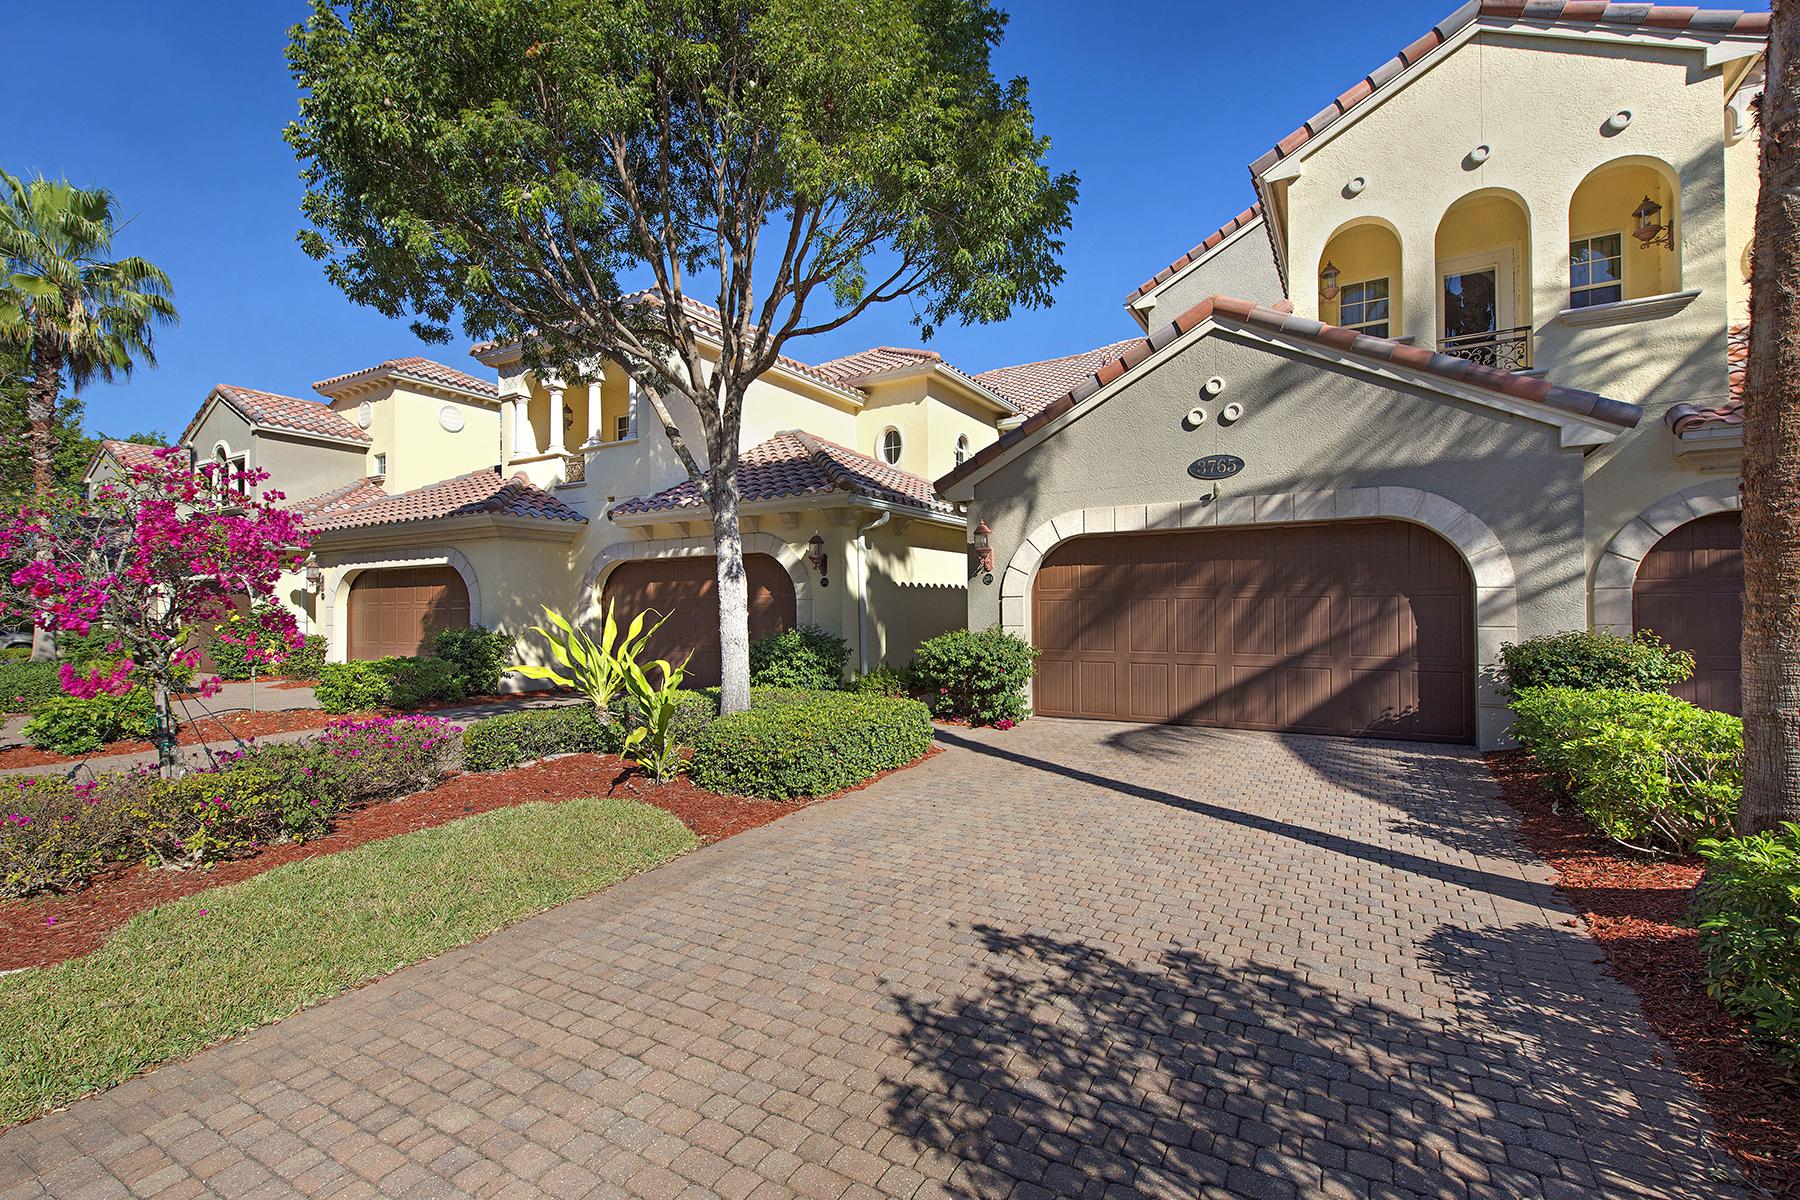 Condominium for Sale at Montreaux 3765 Montreux Ln 204 Naples, Florida, 34114 United States